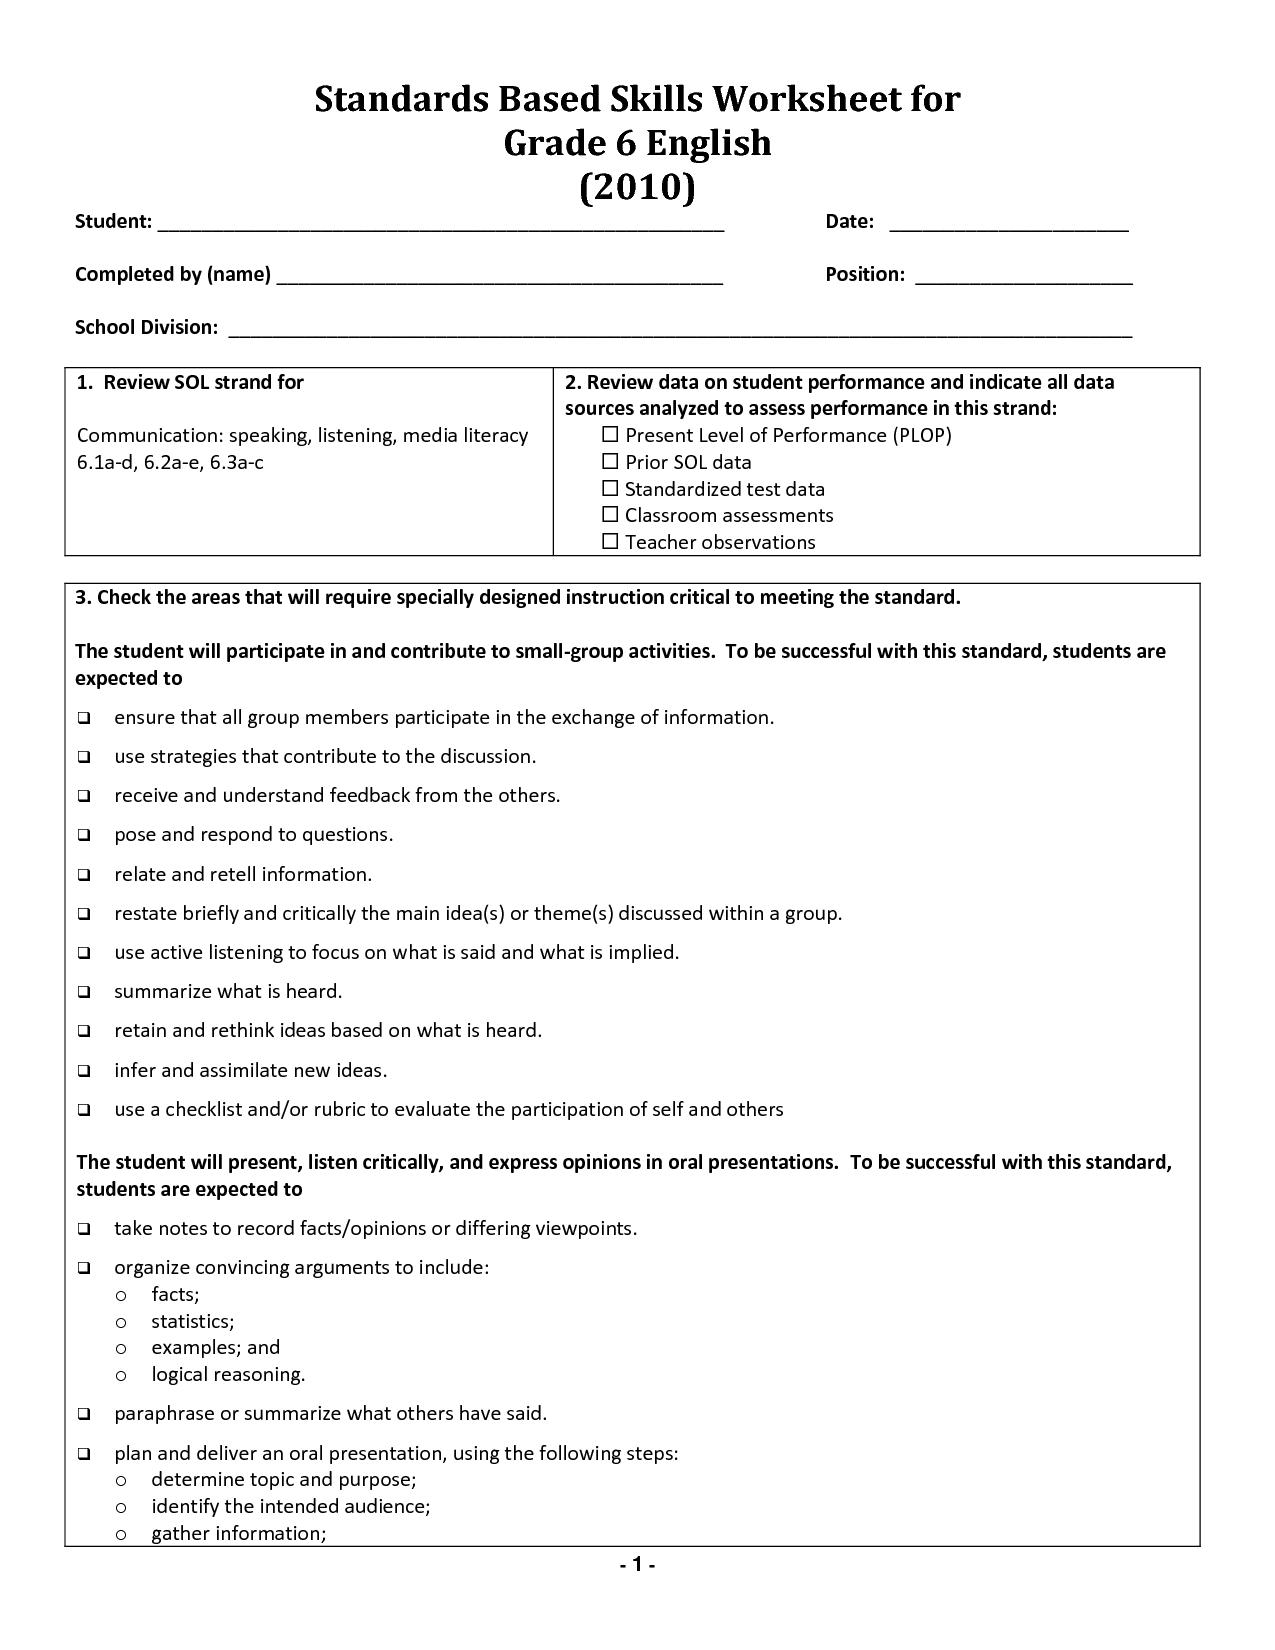 17 Best Images of English Grammar Worksheets Grade 6 Free 6th Grade English  Worksheets 6th - Great 17 Best Images …   Verb worksheets [ 1650 x 1275 Pixel ]